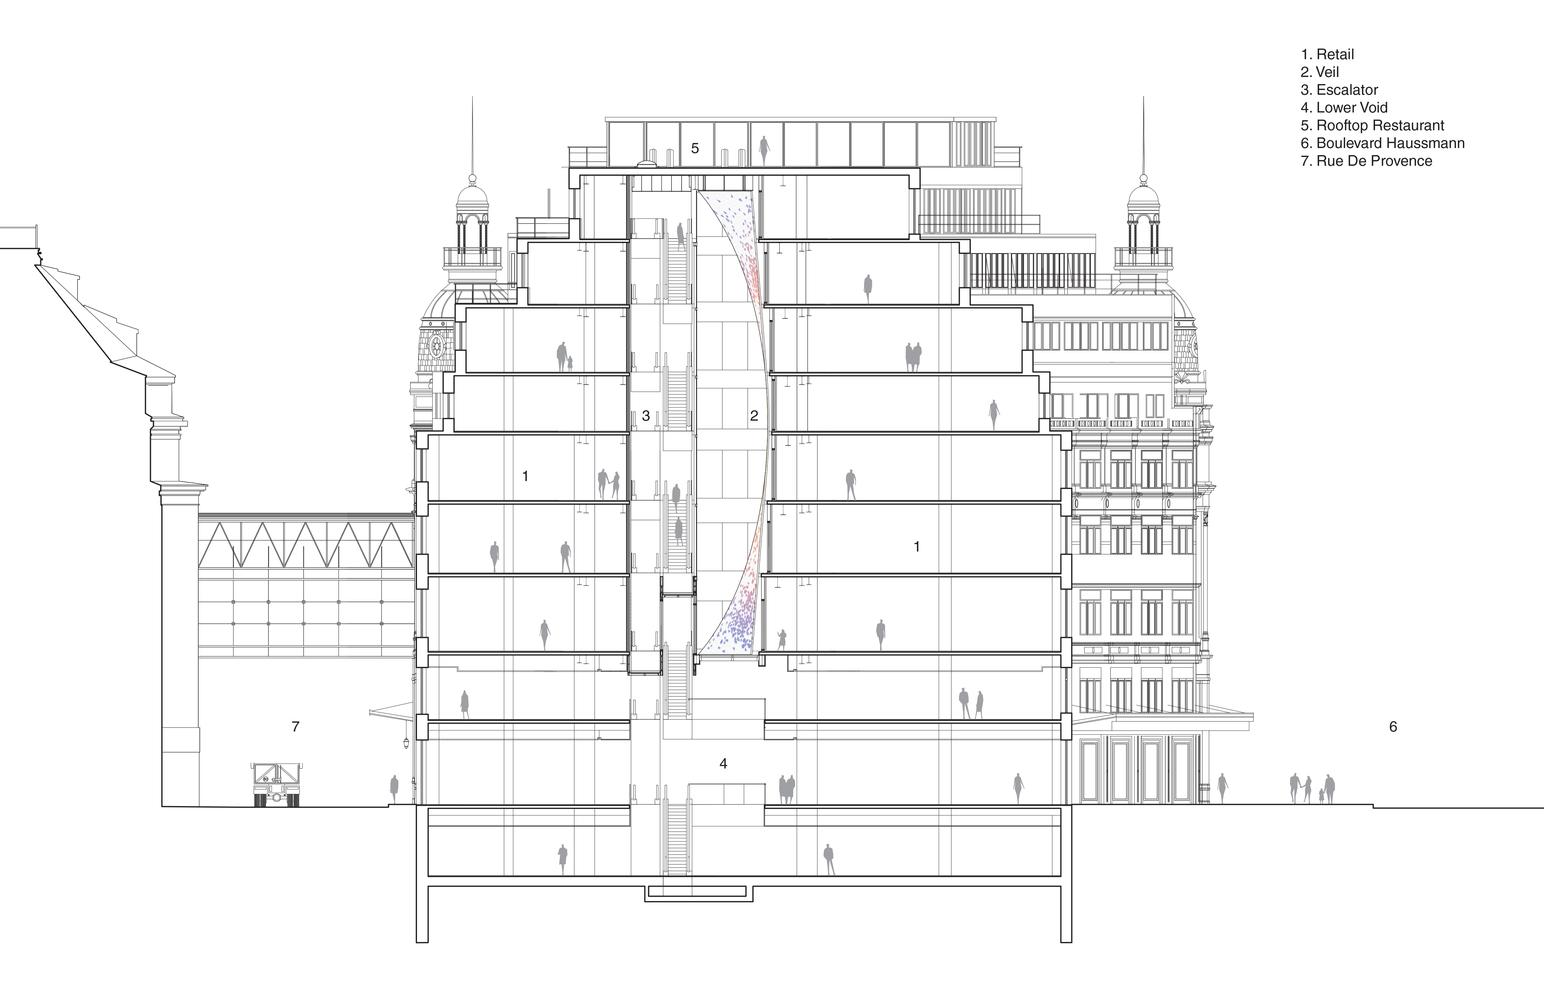 Gallery Of Printemps Haussmann Verticalit Uufie 33 Escalator Schematic Verticalitsection